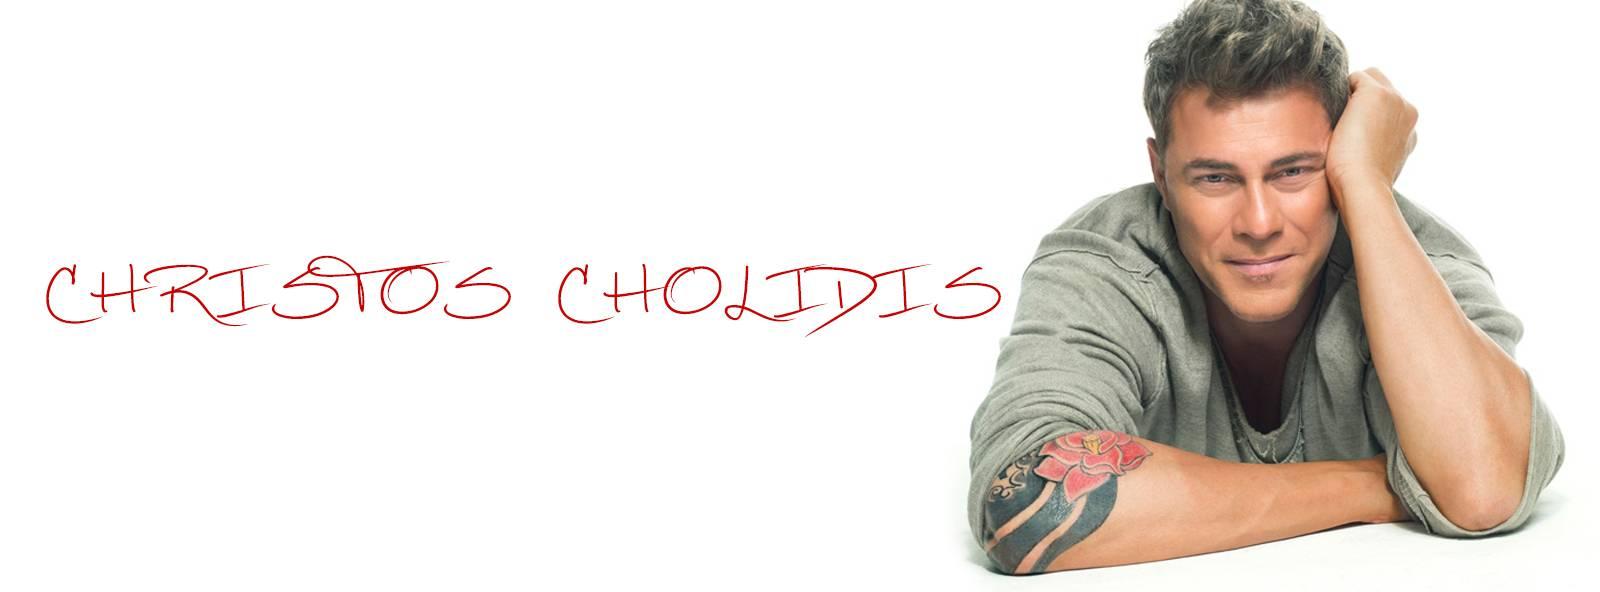 Χρήστος Χολίδης: Ανακοίνωσε τον ερχομό του νέου του album